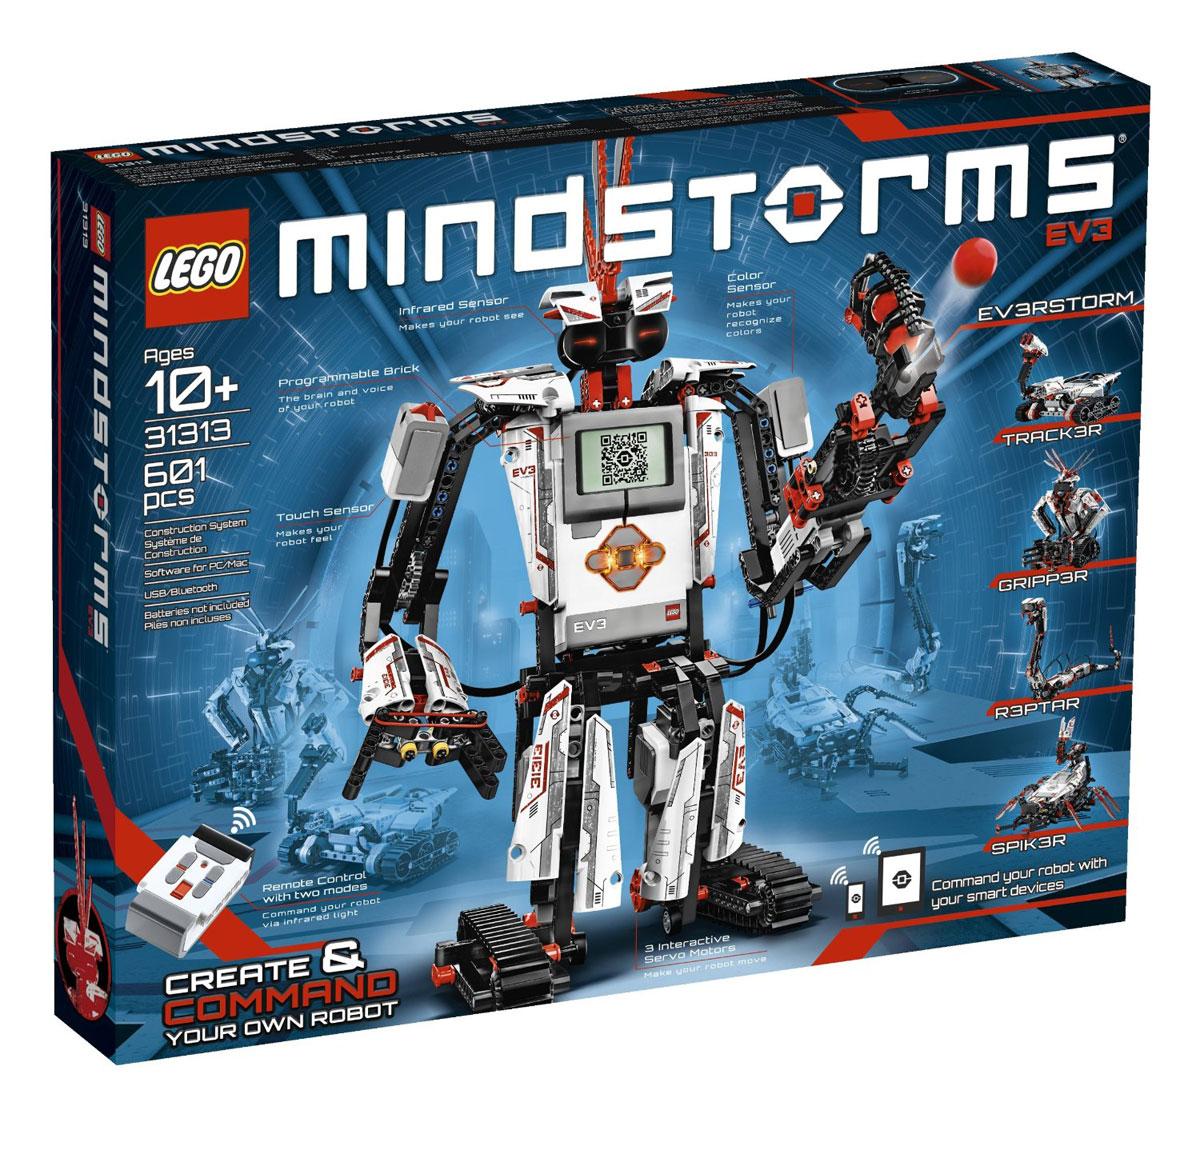 LEGO MINDSTORMS 31313 EV3 Конструктор эксмо книга идей lego mindstorms ev3 181 удивительный механизм и устройство